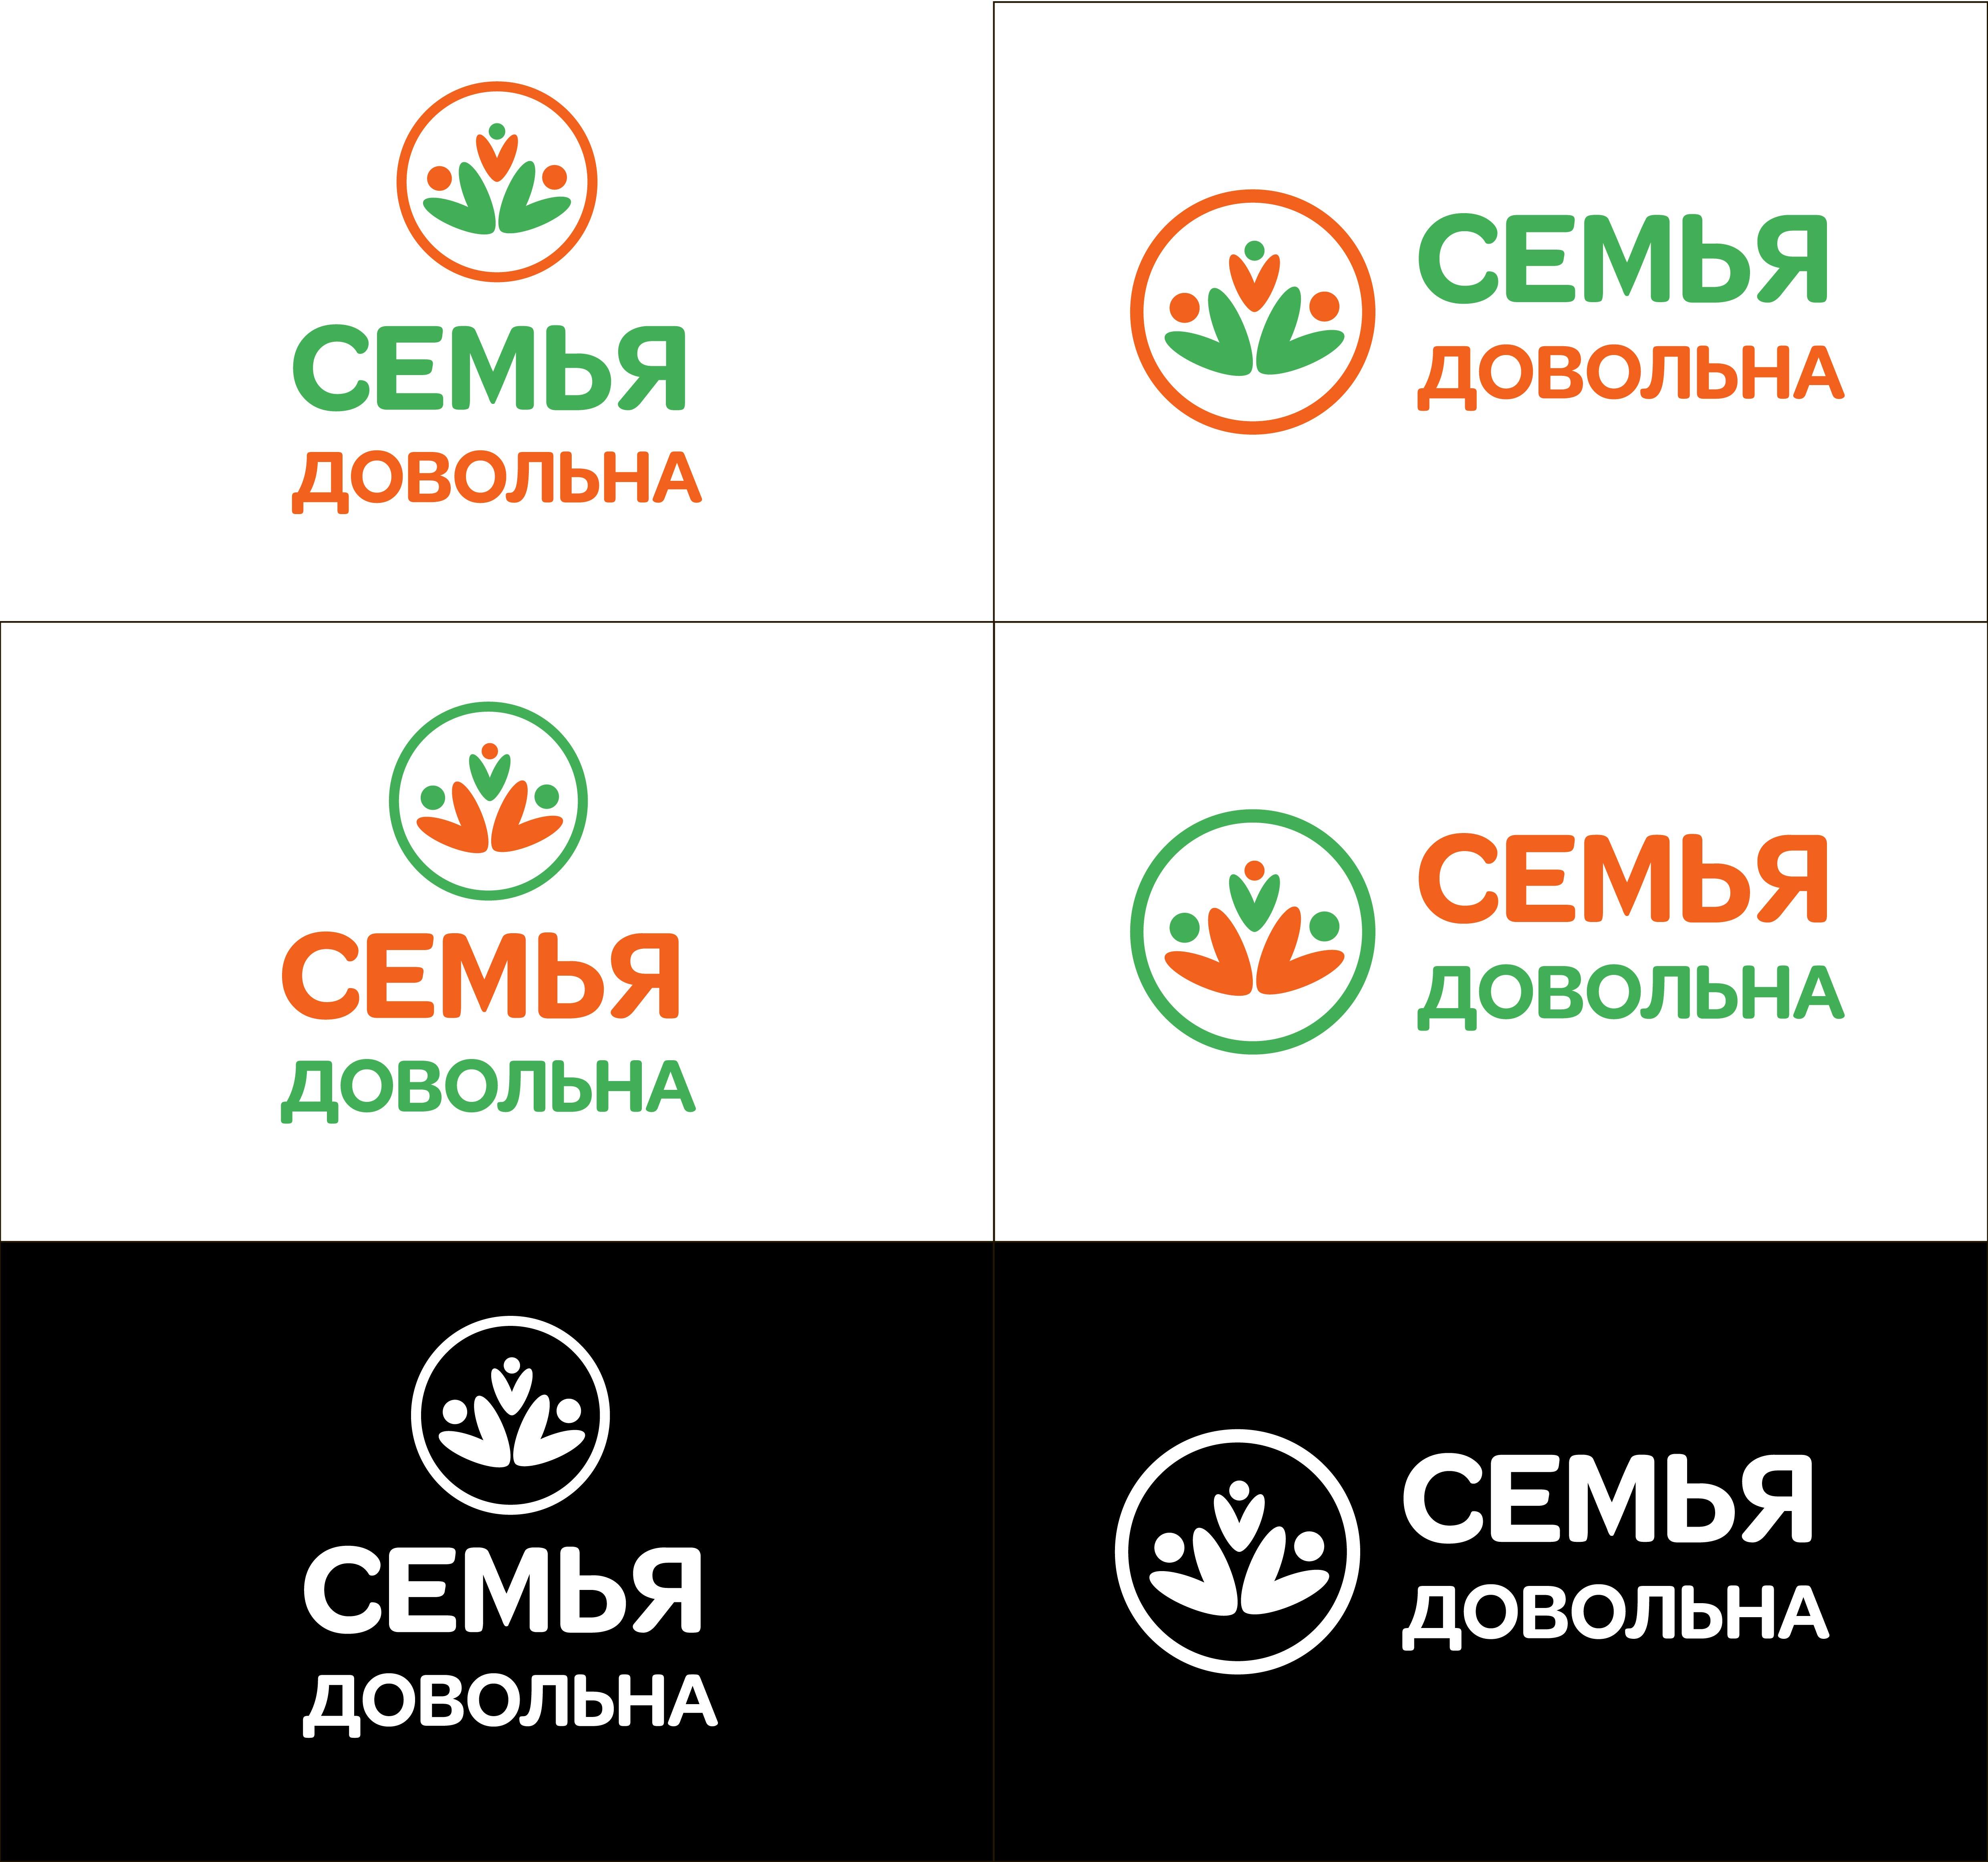 """Разработайте логотип для торговой марки """"Семья довольна"""" фото f_2295b9a8c7f38a12.jpg"""